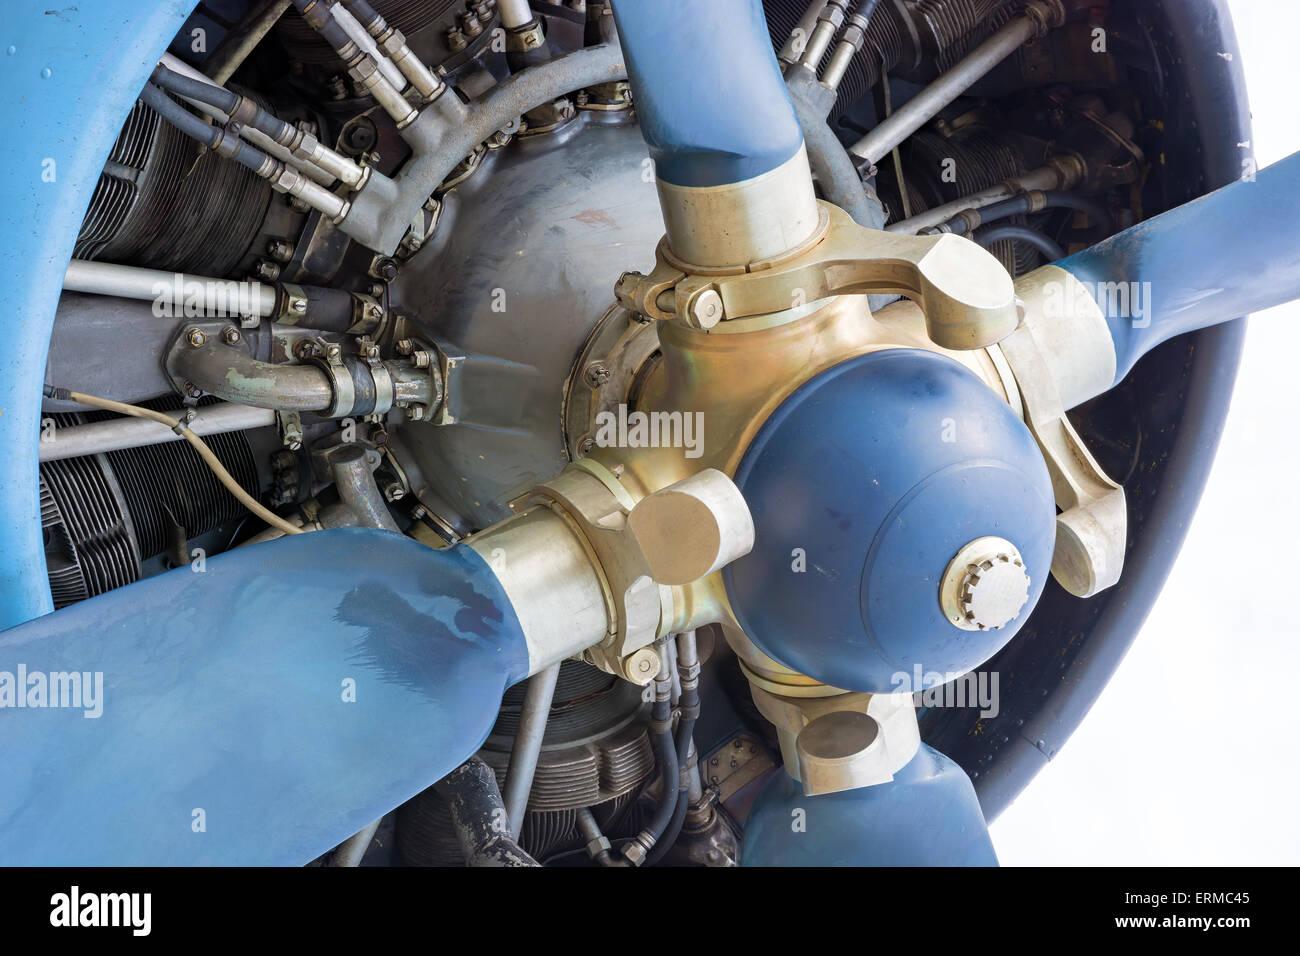 Das Fragment, Schrauben und motor alten Flugzeug Nahaufnahme. Stockbild